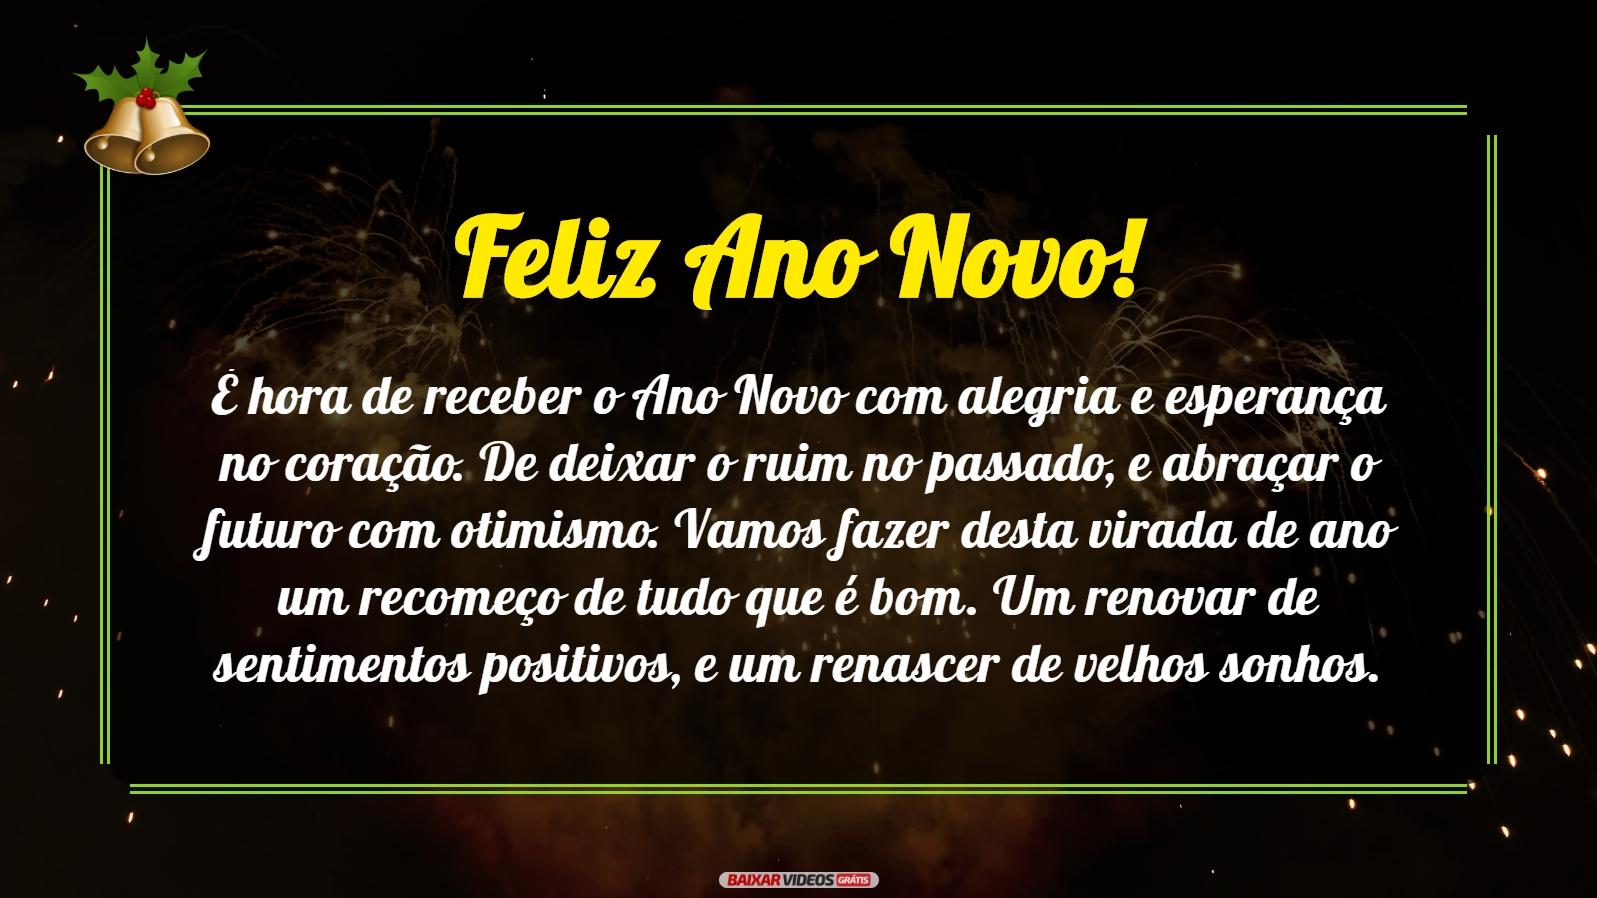 Feliz Ano Novo! É hora de receber o Ano Novo com alegria e esperança no coração. De deixar o ruim no passado, e abraçar o futuro com otimismo. Vamos fazer desta virada de ano um recomeço de tudo que é bom. Um renovar de sentimentos positivos, e um renascer de velhos sonhos.